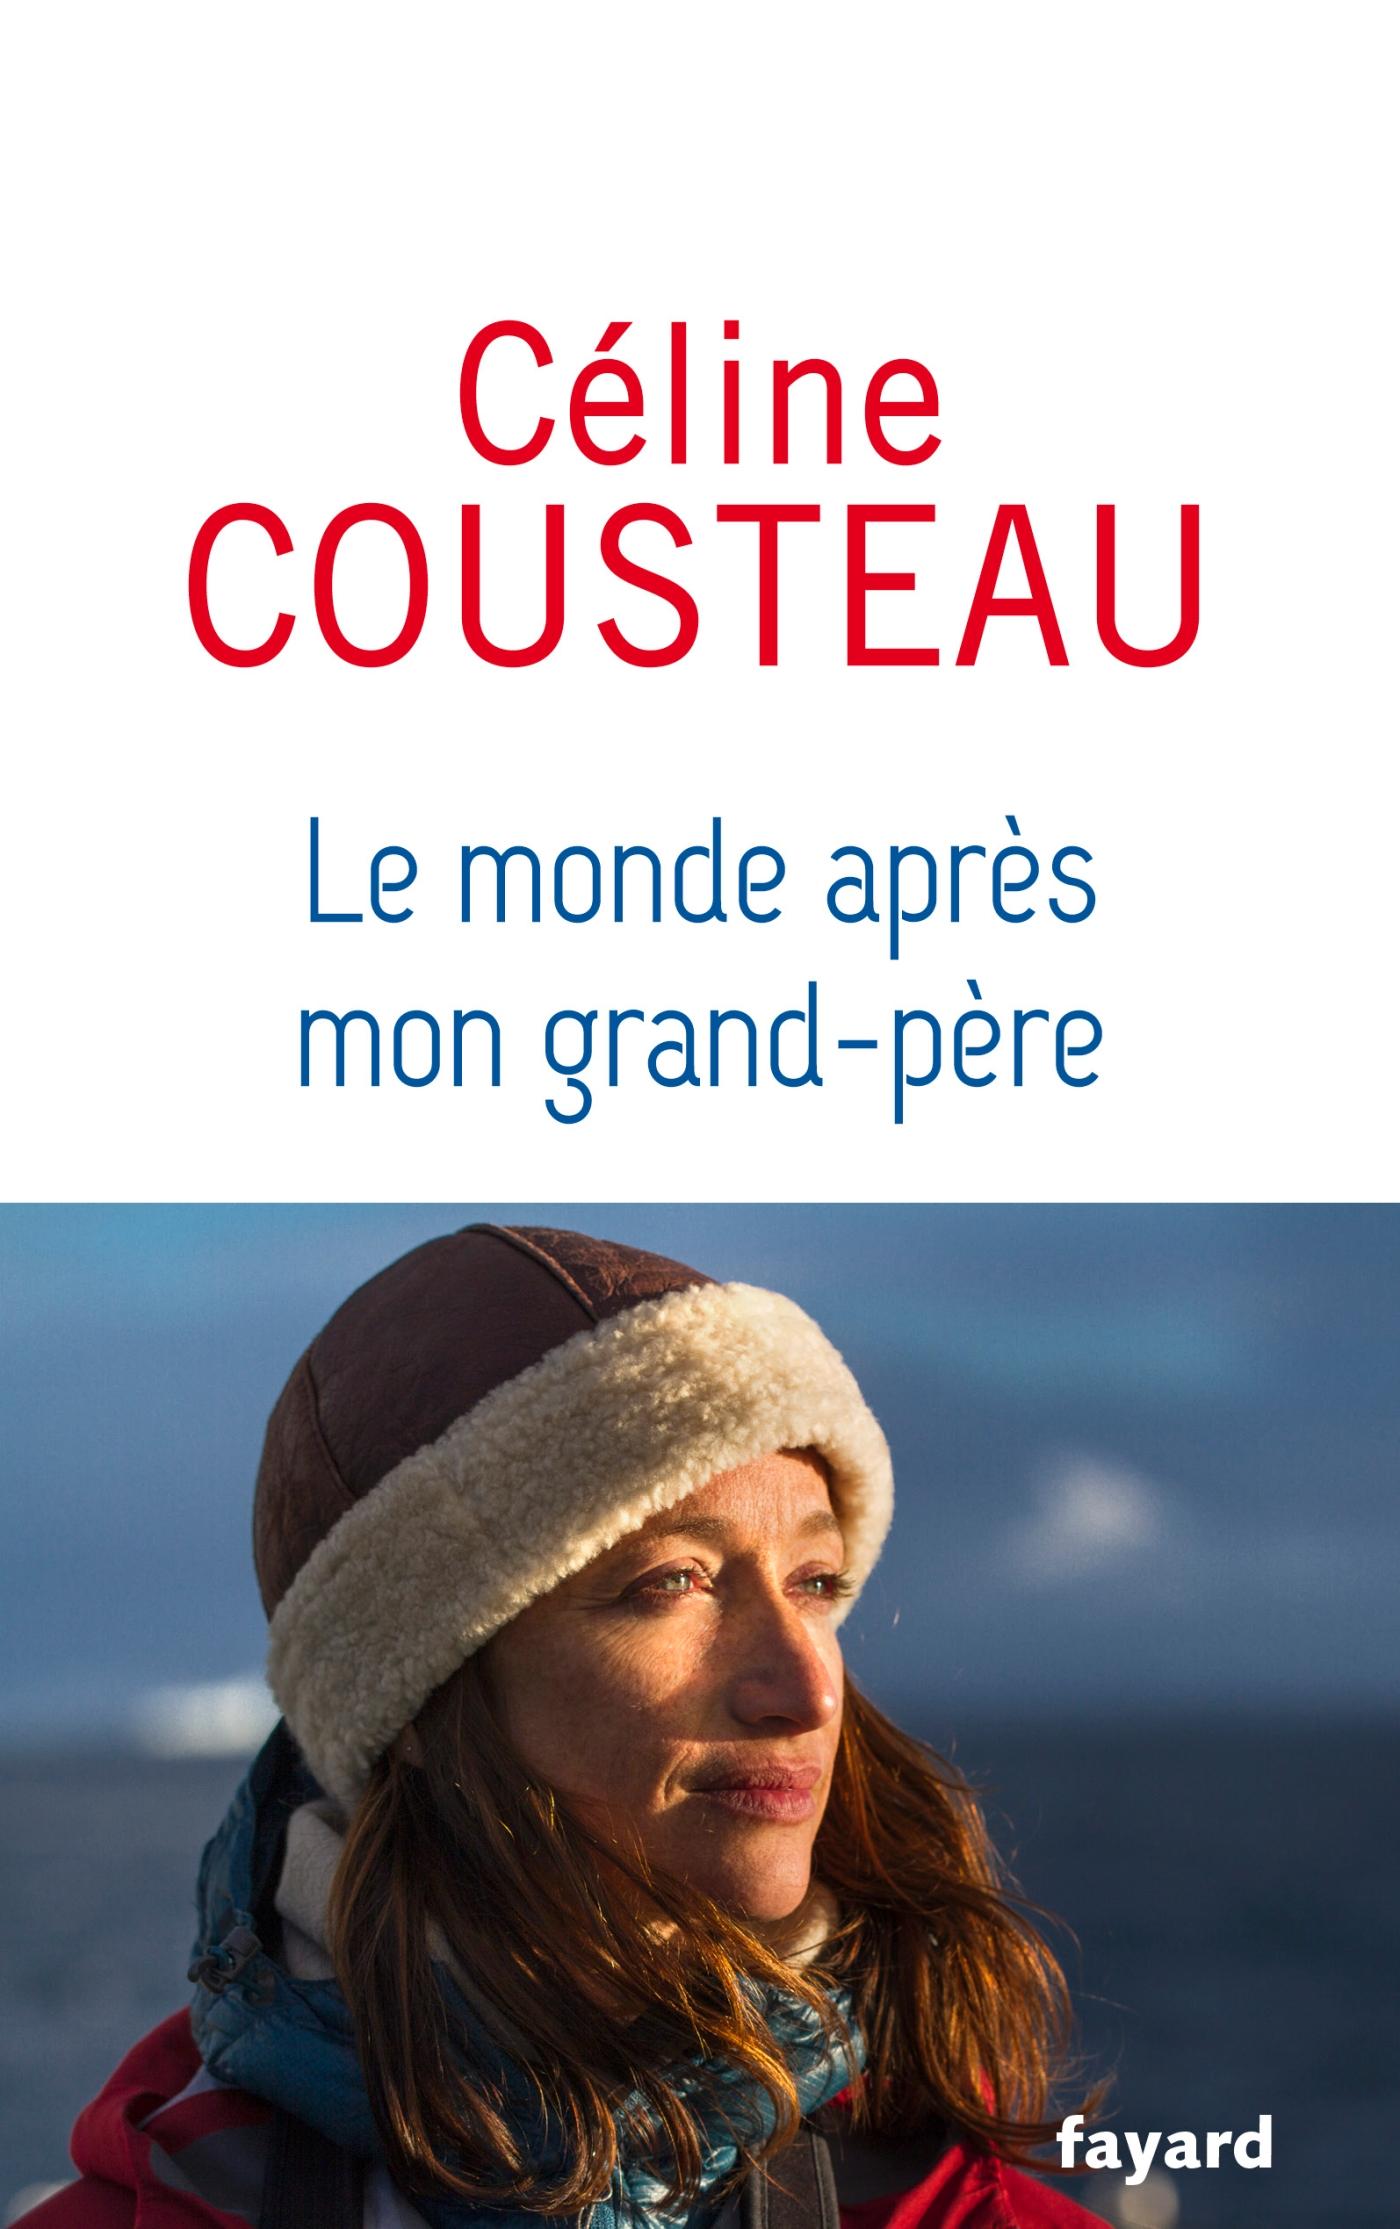 céline-cousteau